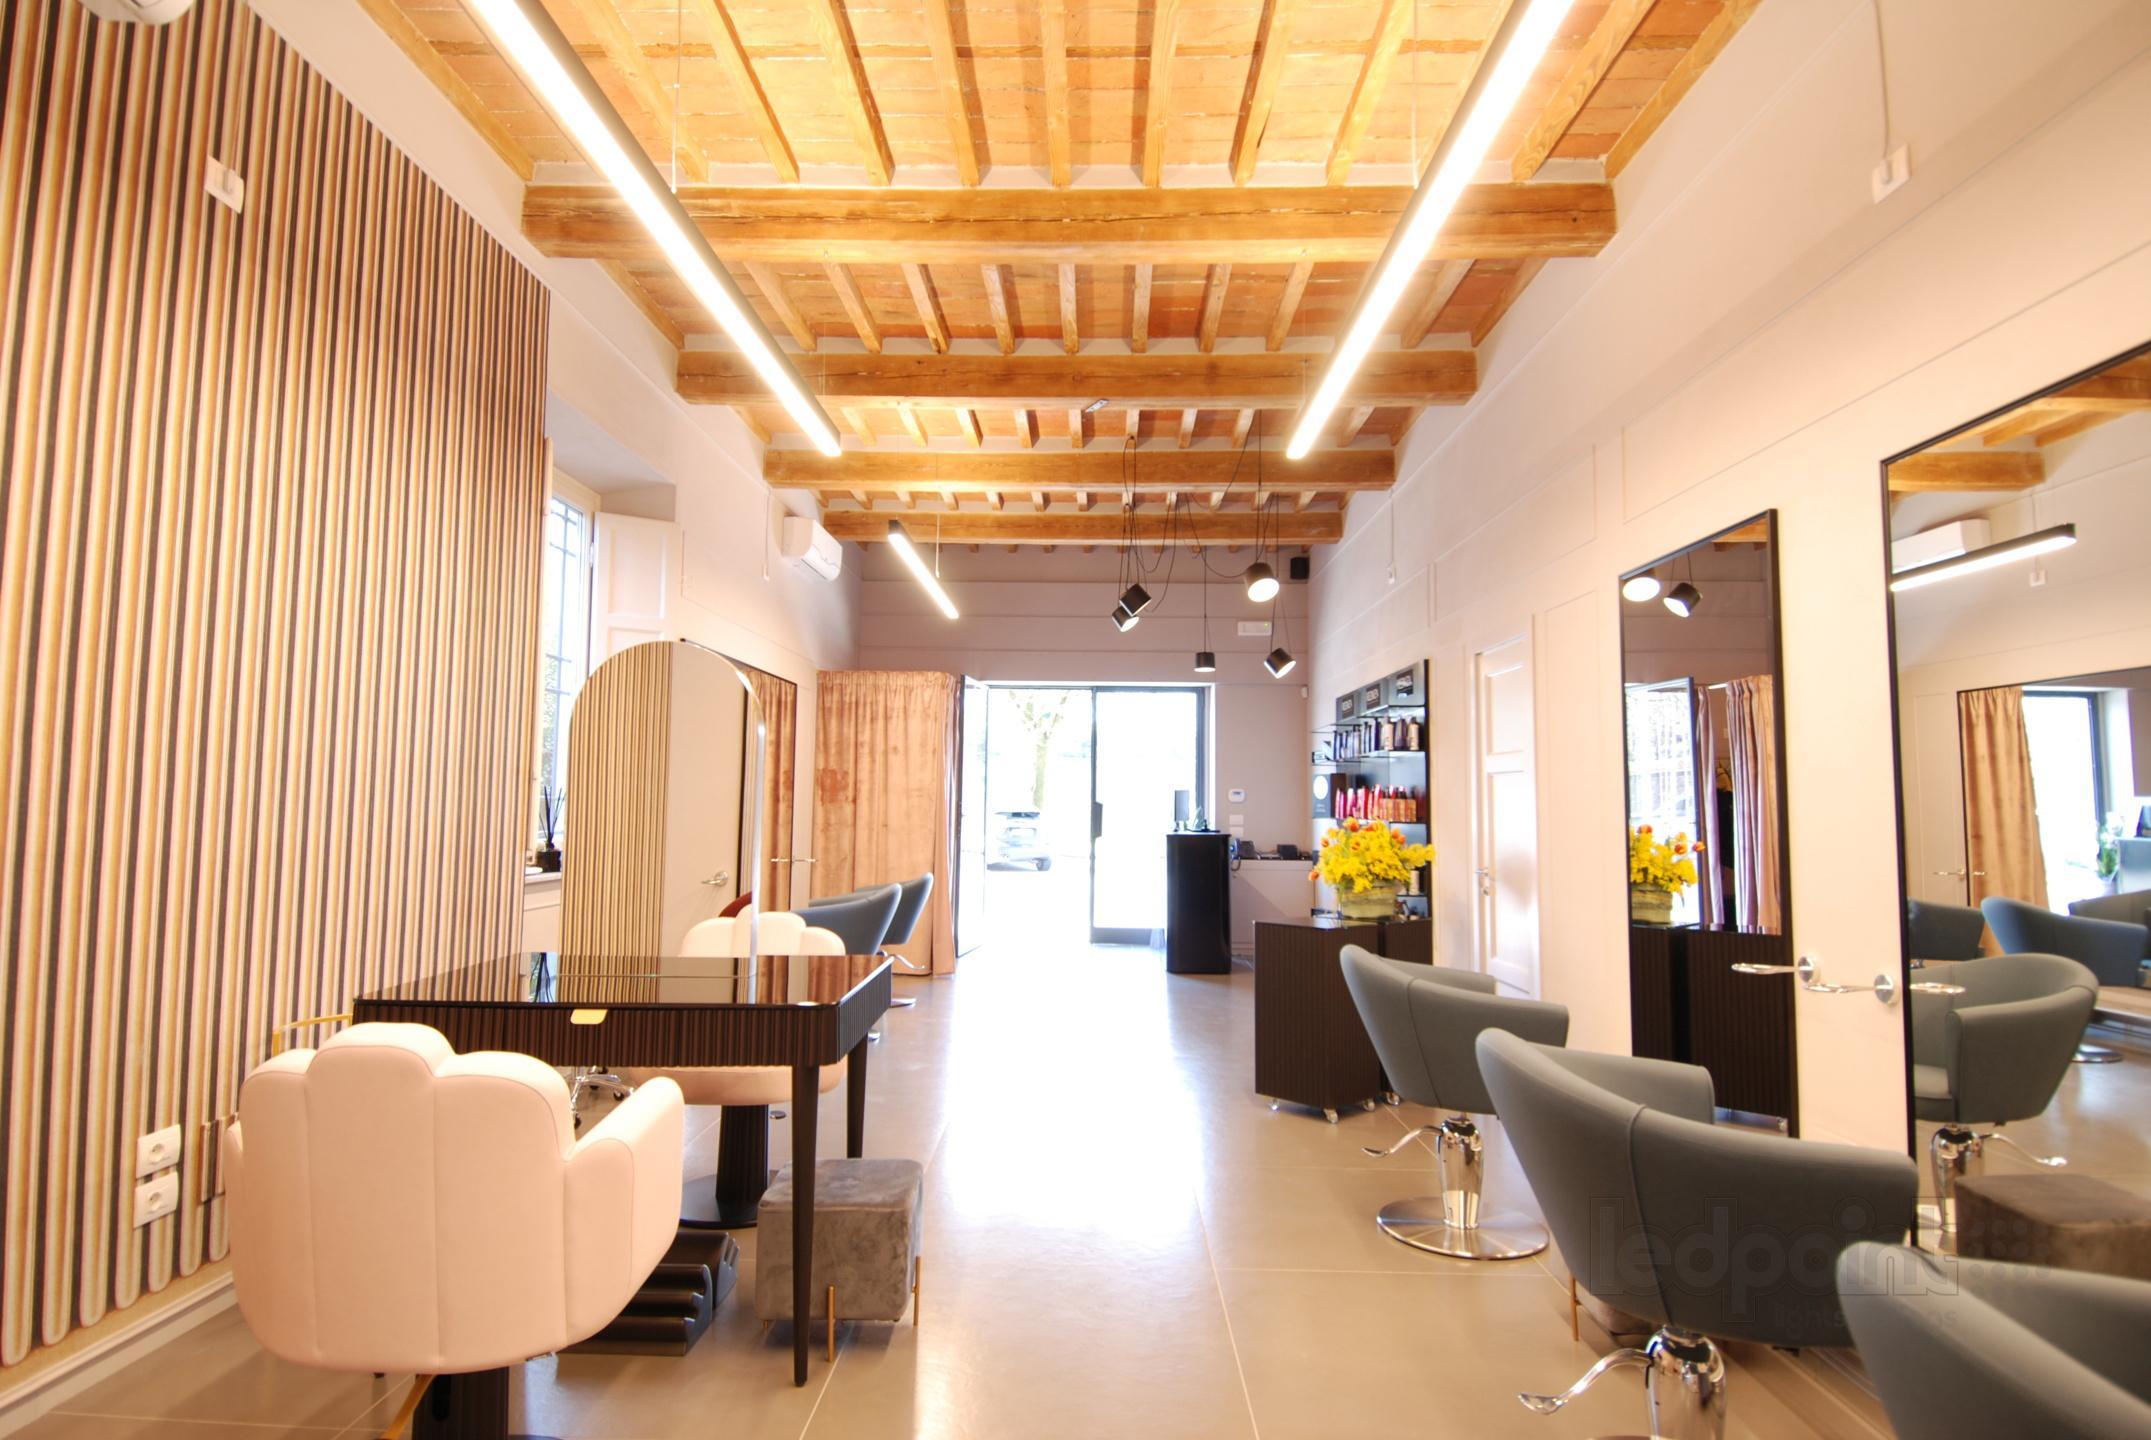 hair salon lighting ledpoint s r l